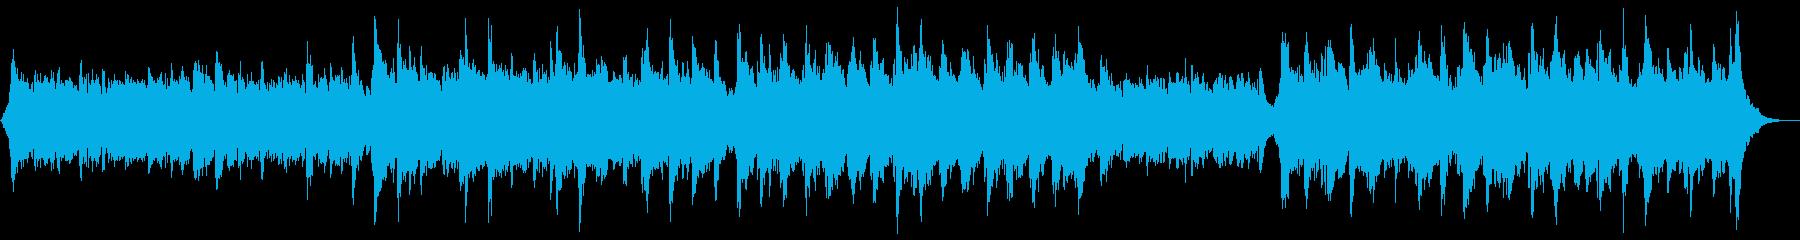 華やかなピアノ&オーケストラ:ピアノと弦の再生済みの波形